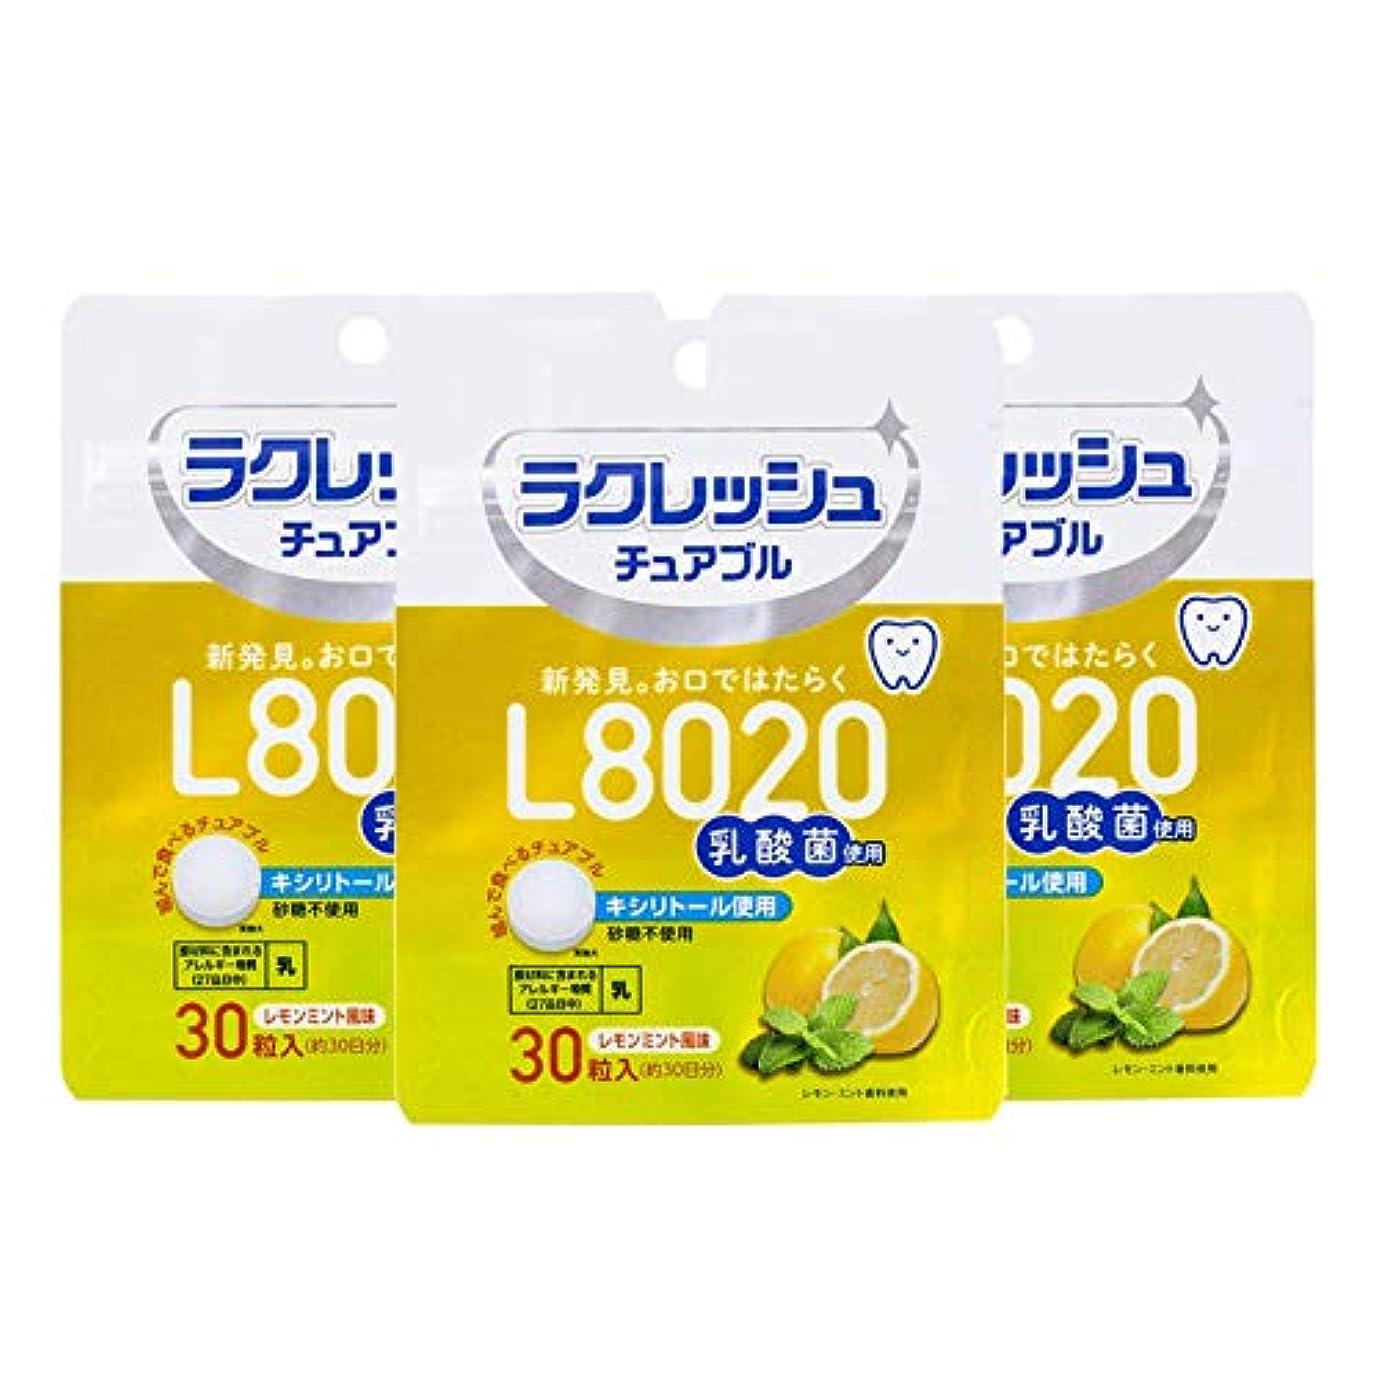 ナビゲーションたまに優雅L8020乳酸菌ラクレッシュ チュアブル レモンミント風味(30粒) 3袋 タブレット